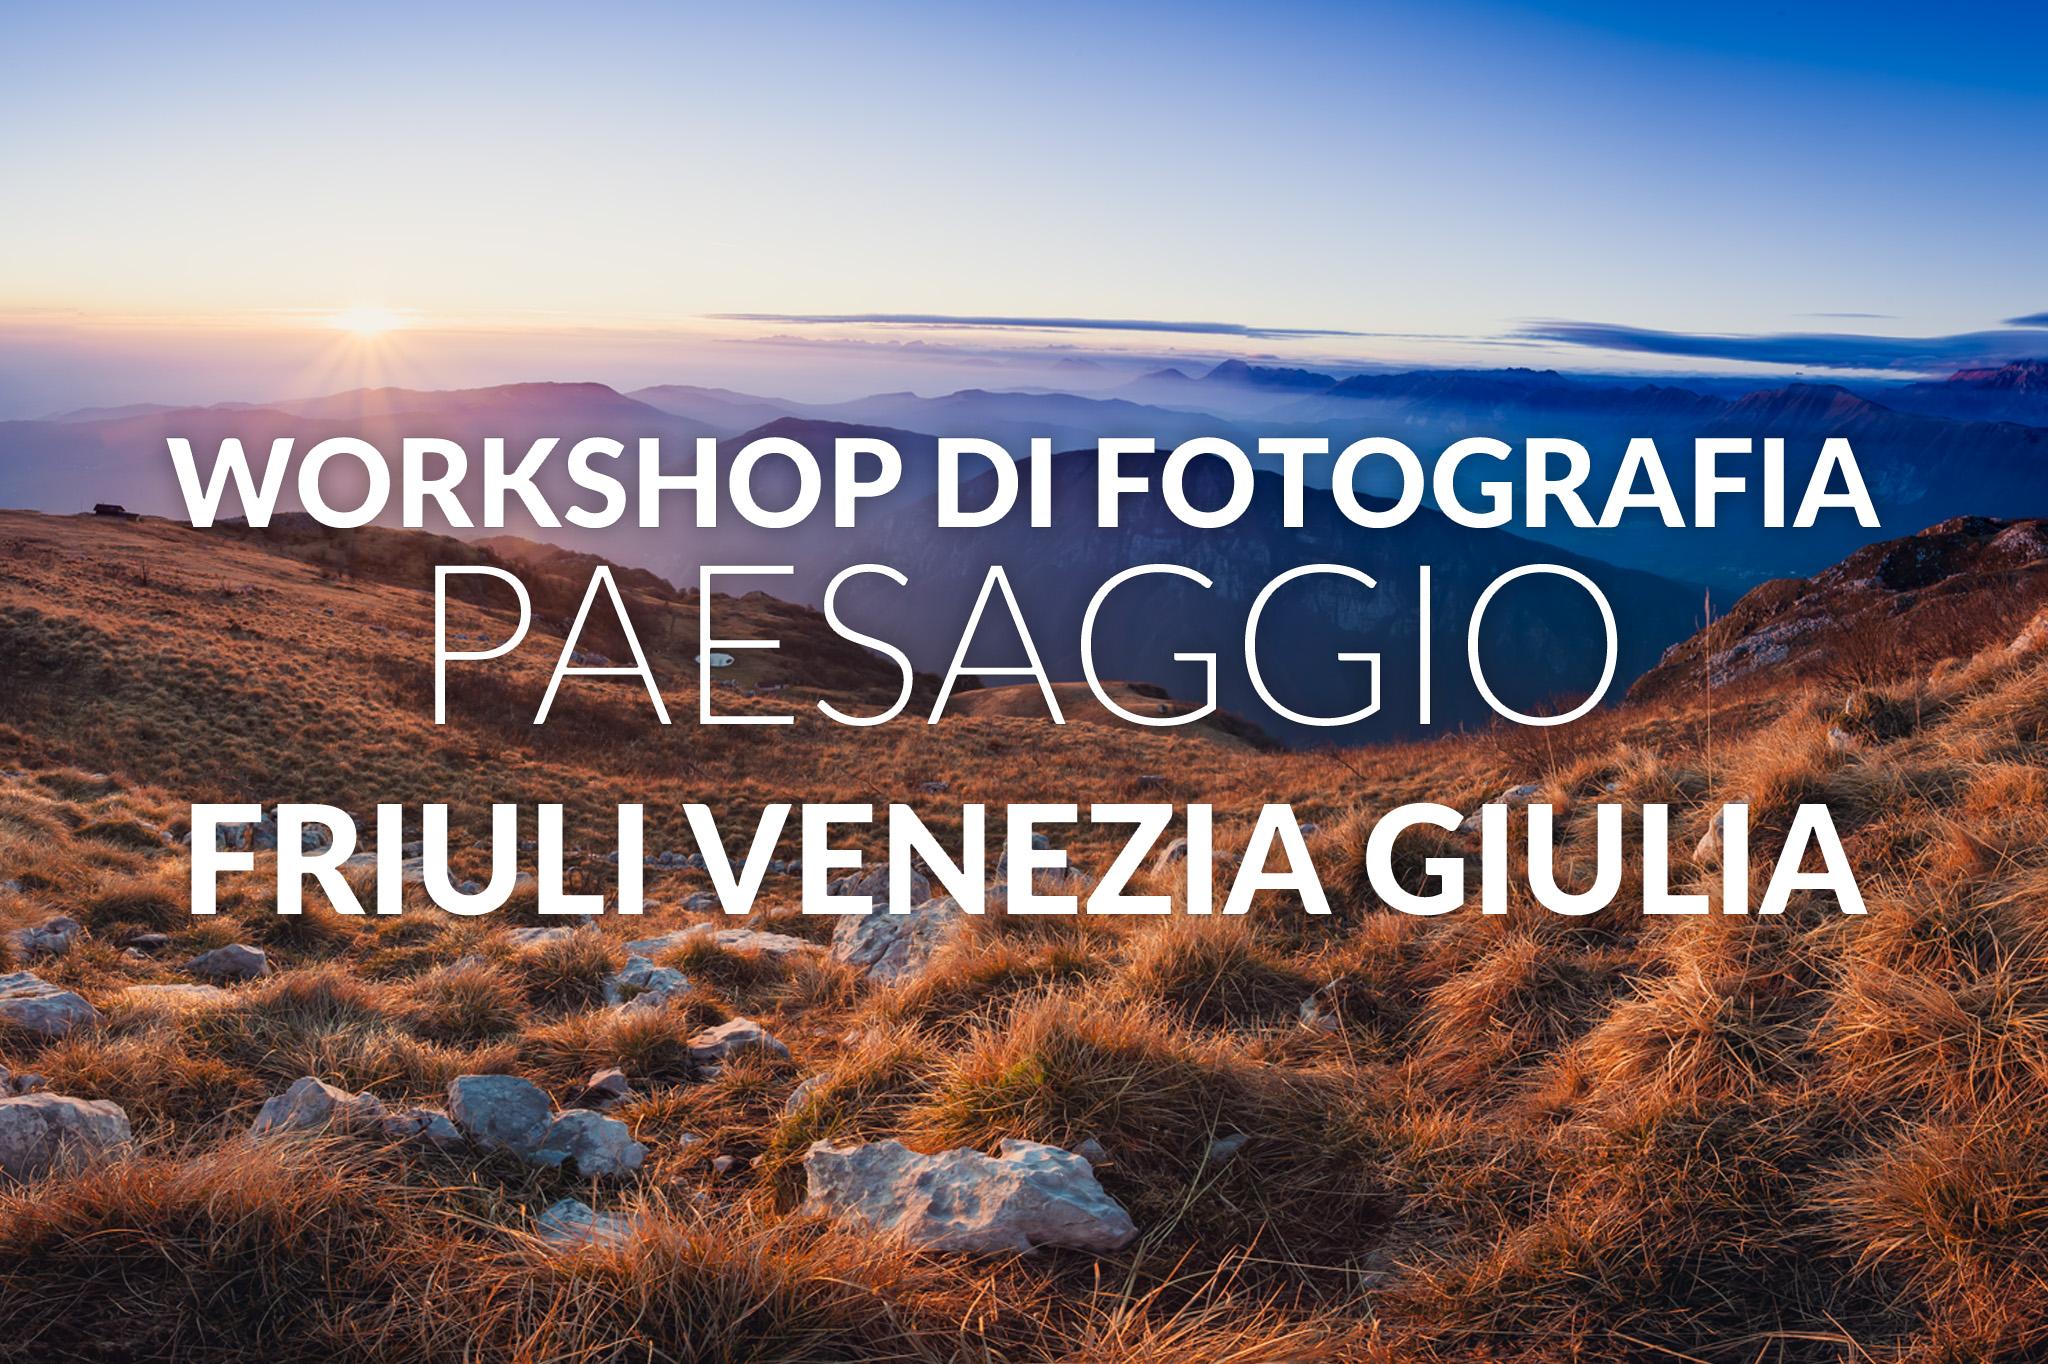 workshop fotografia paesaggio friuli venezia giulia